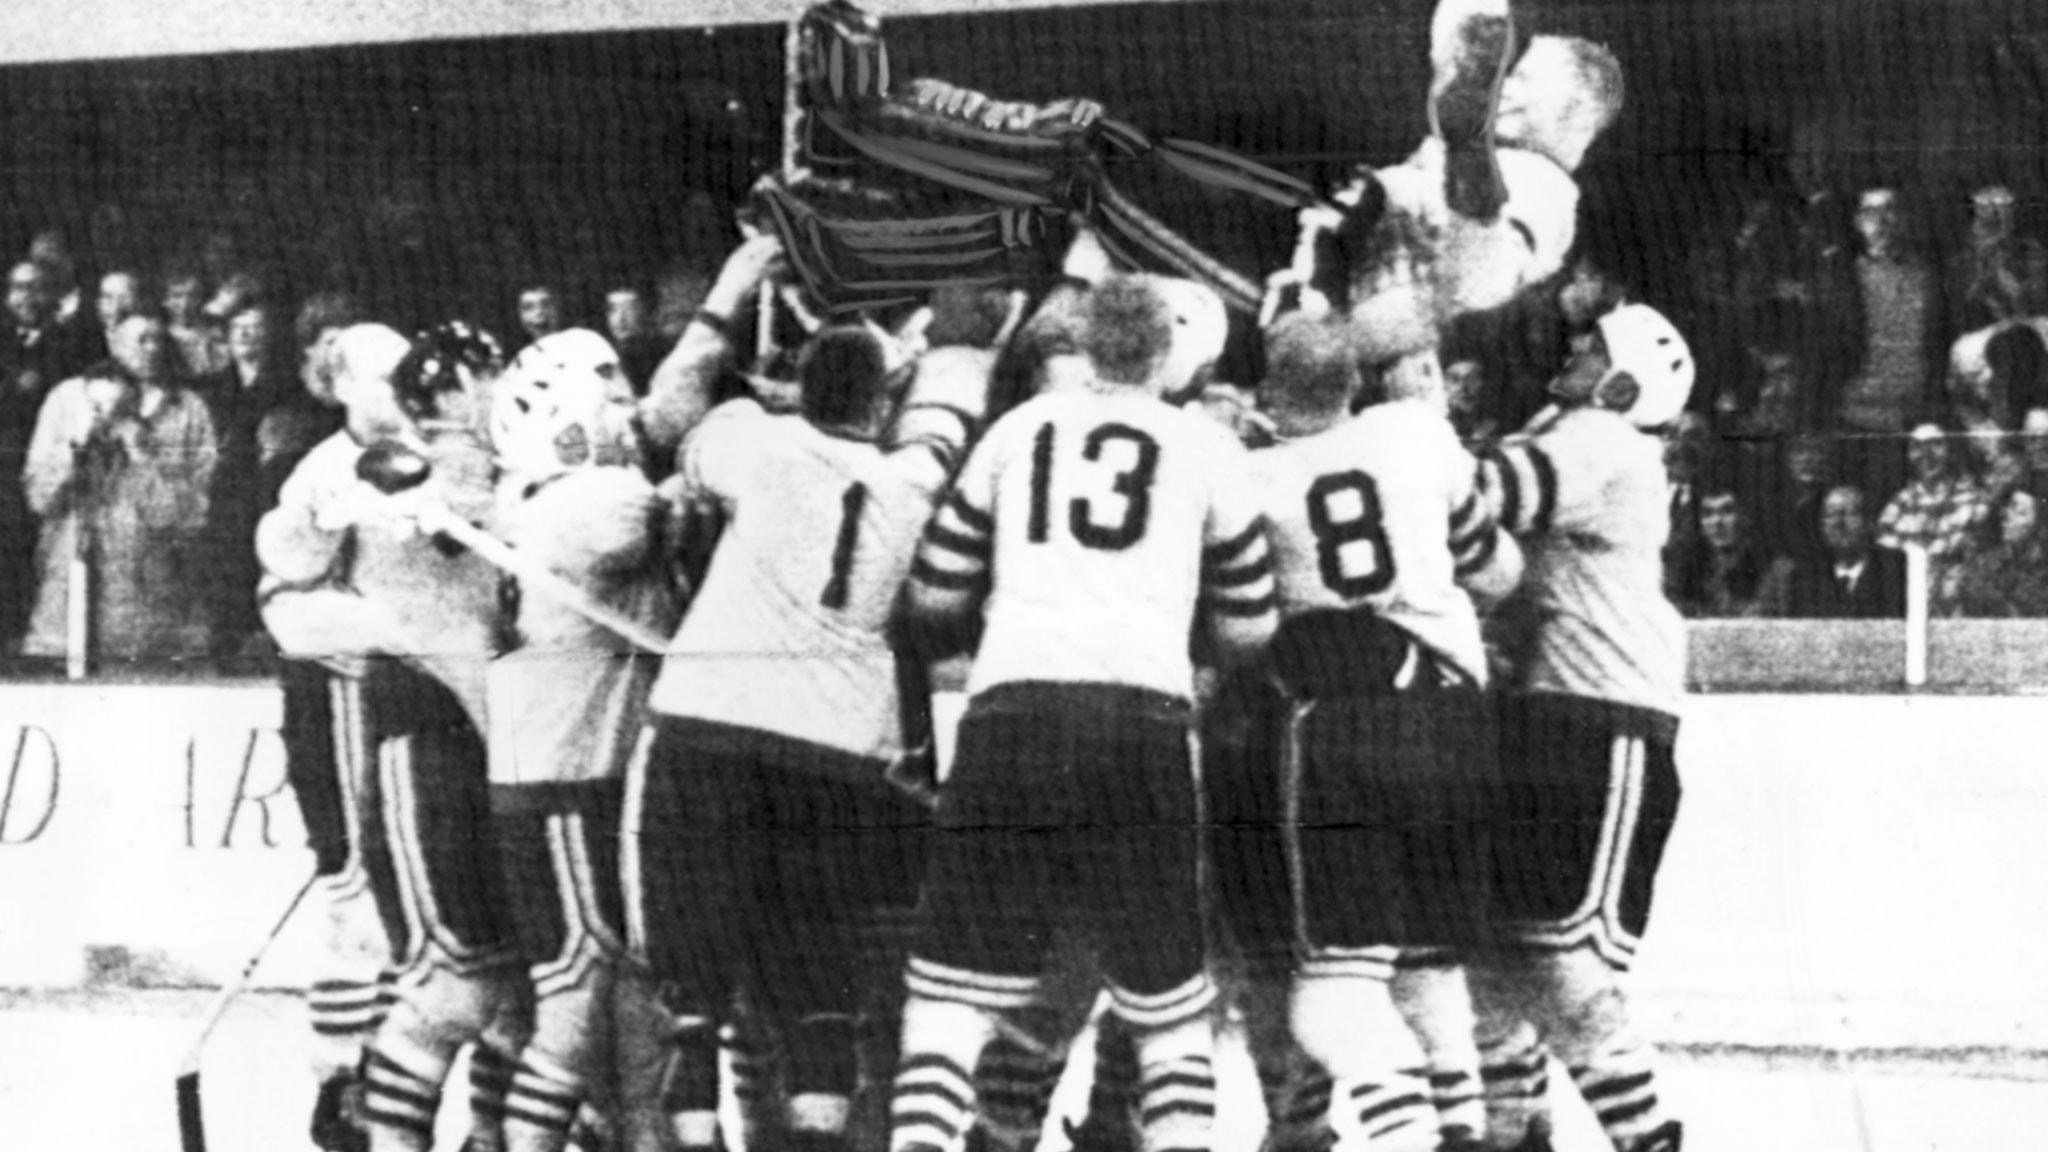 Hockeyguld i Colorado Springs 1962. Foto: TT Nyhetsbyrån.